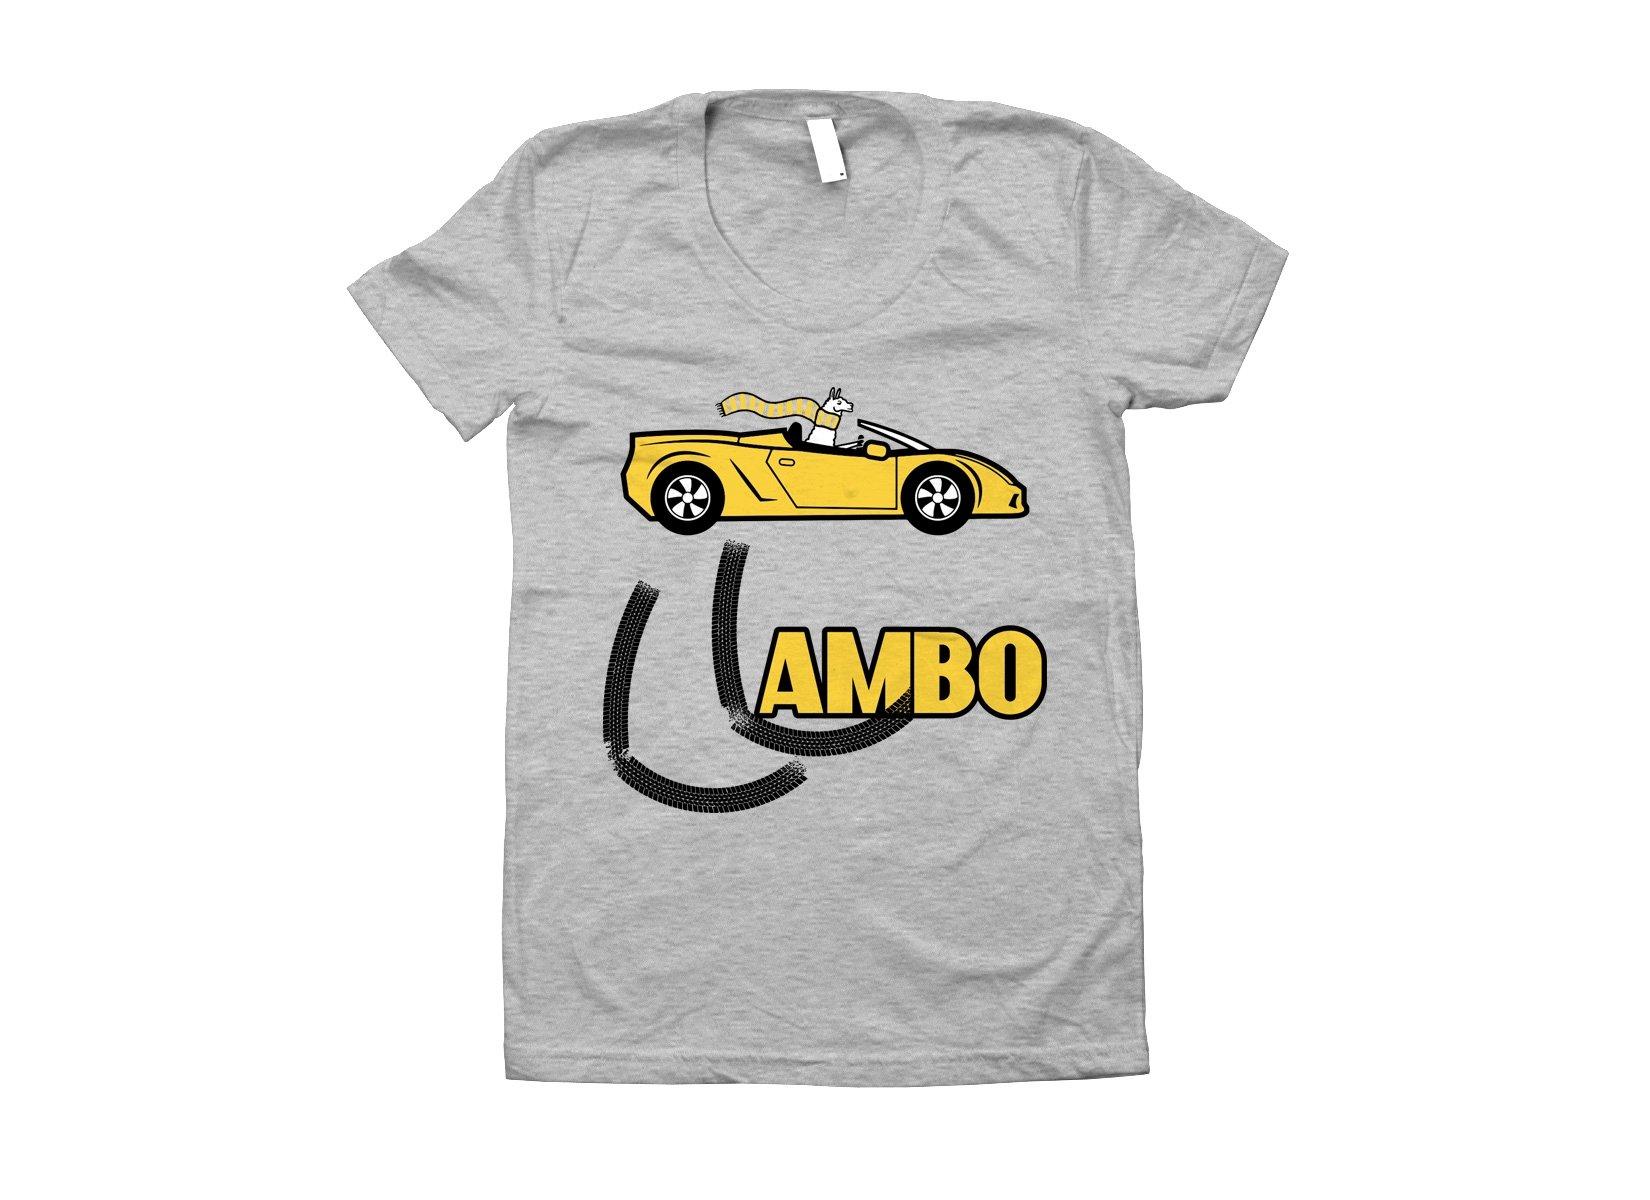 Llambo Llama on Juniors T-Shirt